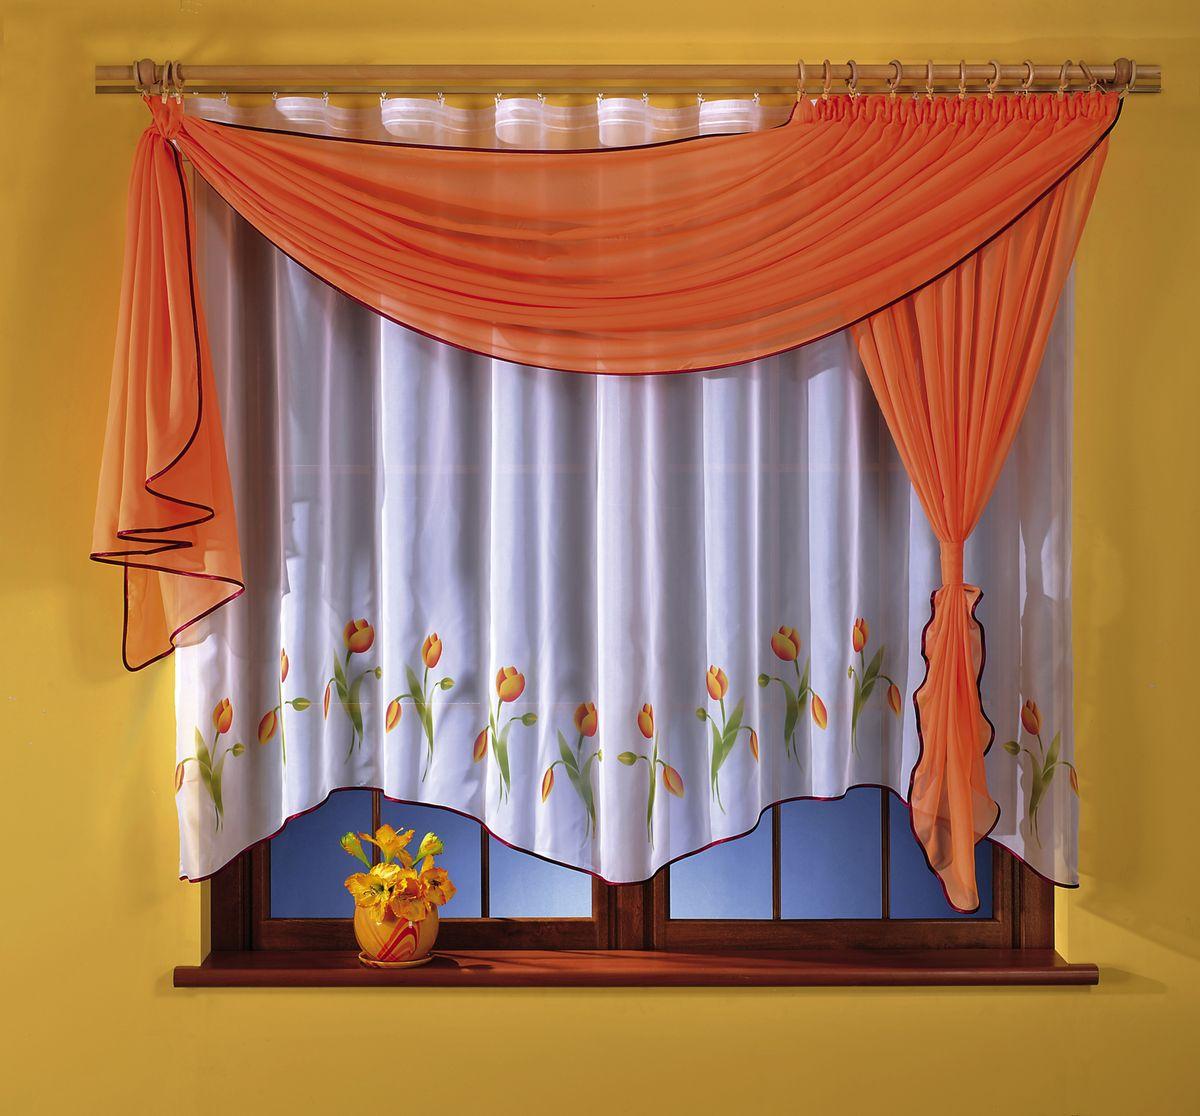 Комплект штор для кухни Wisan Marzenka, на ленте, цвет: белый, оранжевый, высота 180 см5764 оранжевыйКомплект штор для кухни Wisan Marzenka выполненный из полиэстера, великолепно украсит любое окно. В комплект входят тюль, ламбрекен и 2 подвяза. Оригинальный и яркий дизайн придают комплекту особый стиль и шарм. Качественный материал, нежная цветовая гамма и роскошное исполнение - все это делает шторы Wisan Marzenka замечательным дополнением интерьера помещения. Комплект оснащен шторной лентой для красивой сборки. В комплект входит: Тюль - 1 шт. Размер (ШхВ): 160 см х 170 см. Ламбрекен - 1 шт. Размер (ШхВ): 50 см х 180 см. Подвяз - 2 шт. Фирма Wisan на польском рынке существует уже более пятидесяти лет и является одной из лучших польских фабрик по производству штор и тканей. Ассортимент фирмы представлен готовыми комплектами штор для гостиной, детской, кухни, а также текстилем для кухни (скатерти, салфетки, дорожки, кухонные занавески). Модельный ряд отличает оригинальный дизайн, высокое качество. Ассортимент...